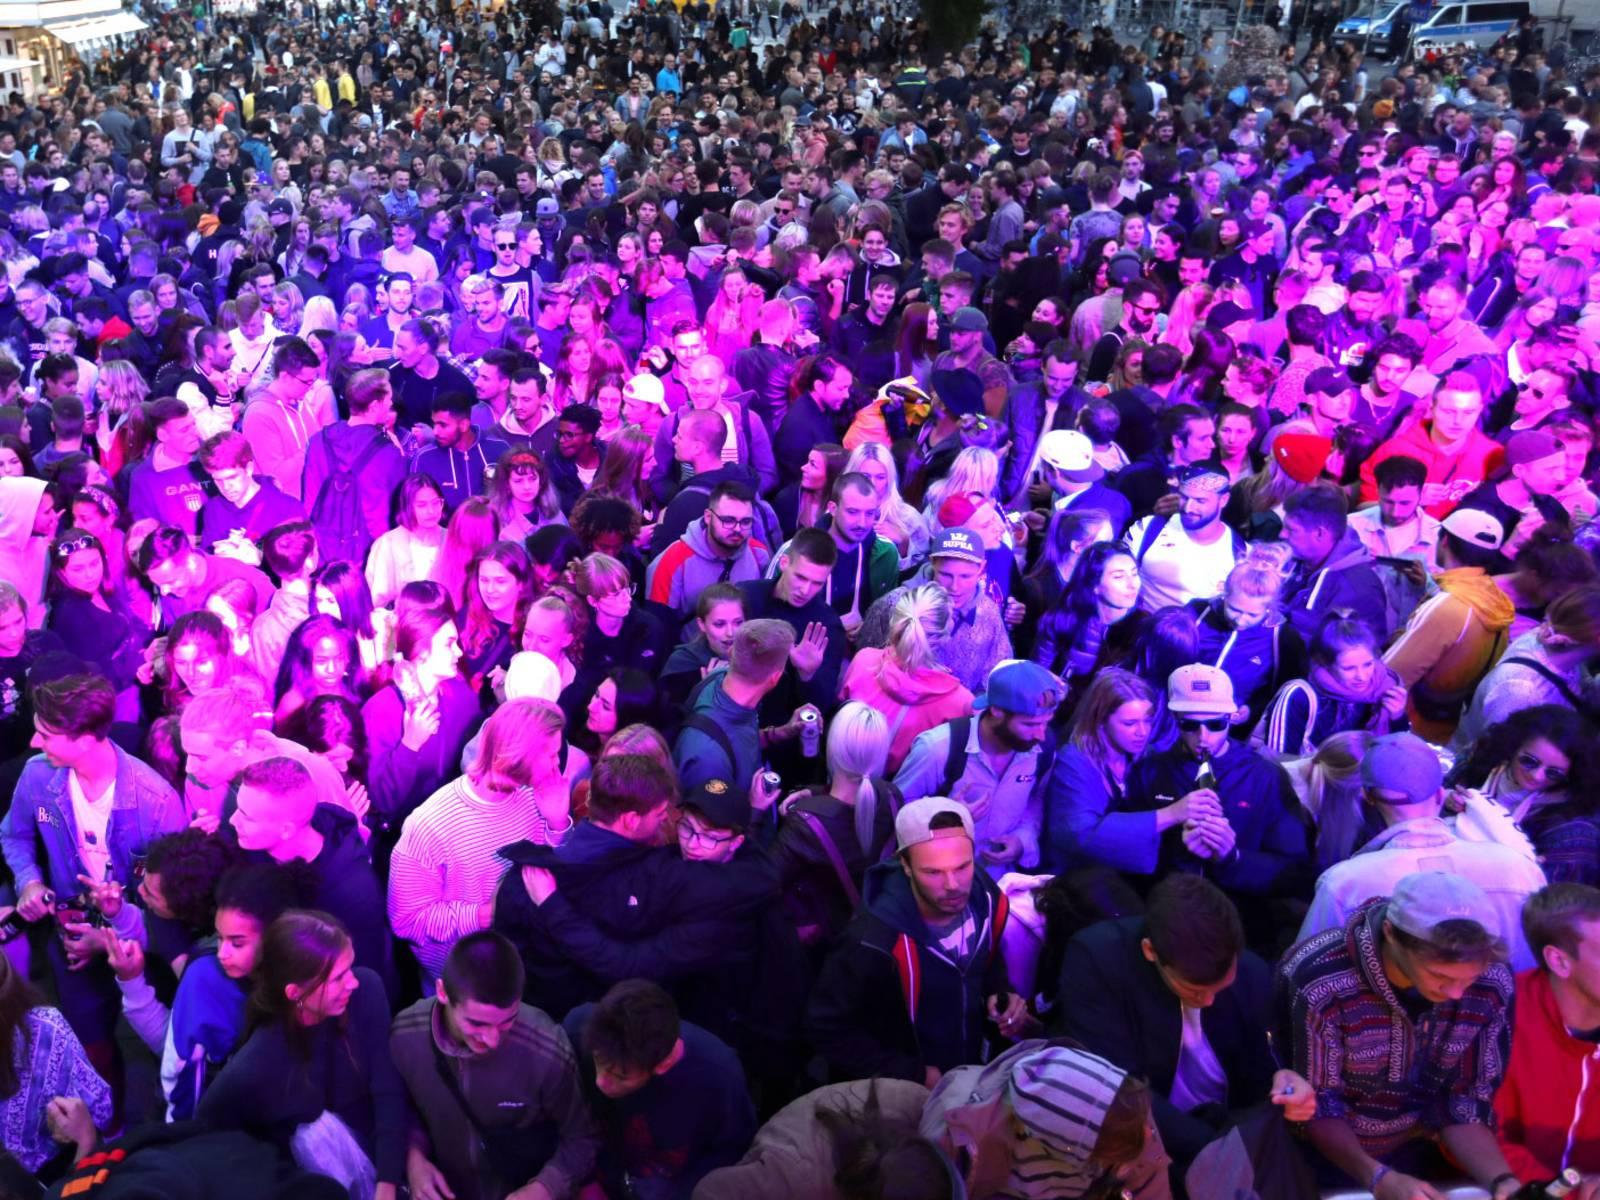 Auf vier Bühnen brachten 30 DJs und Live-Acts wieder viele Menschen zum Tanzen.